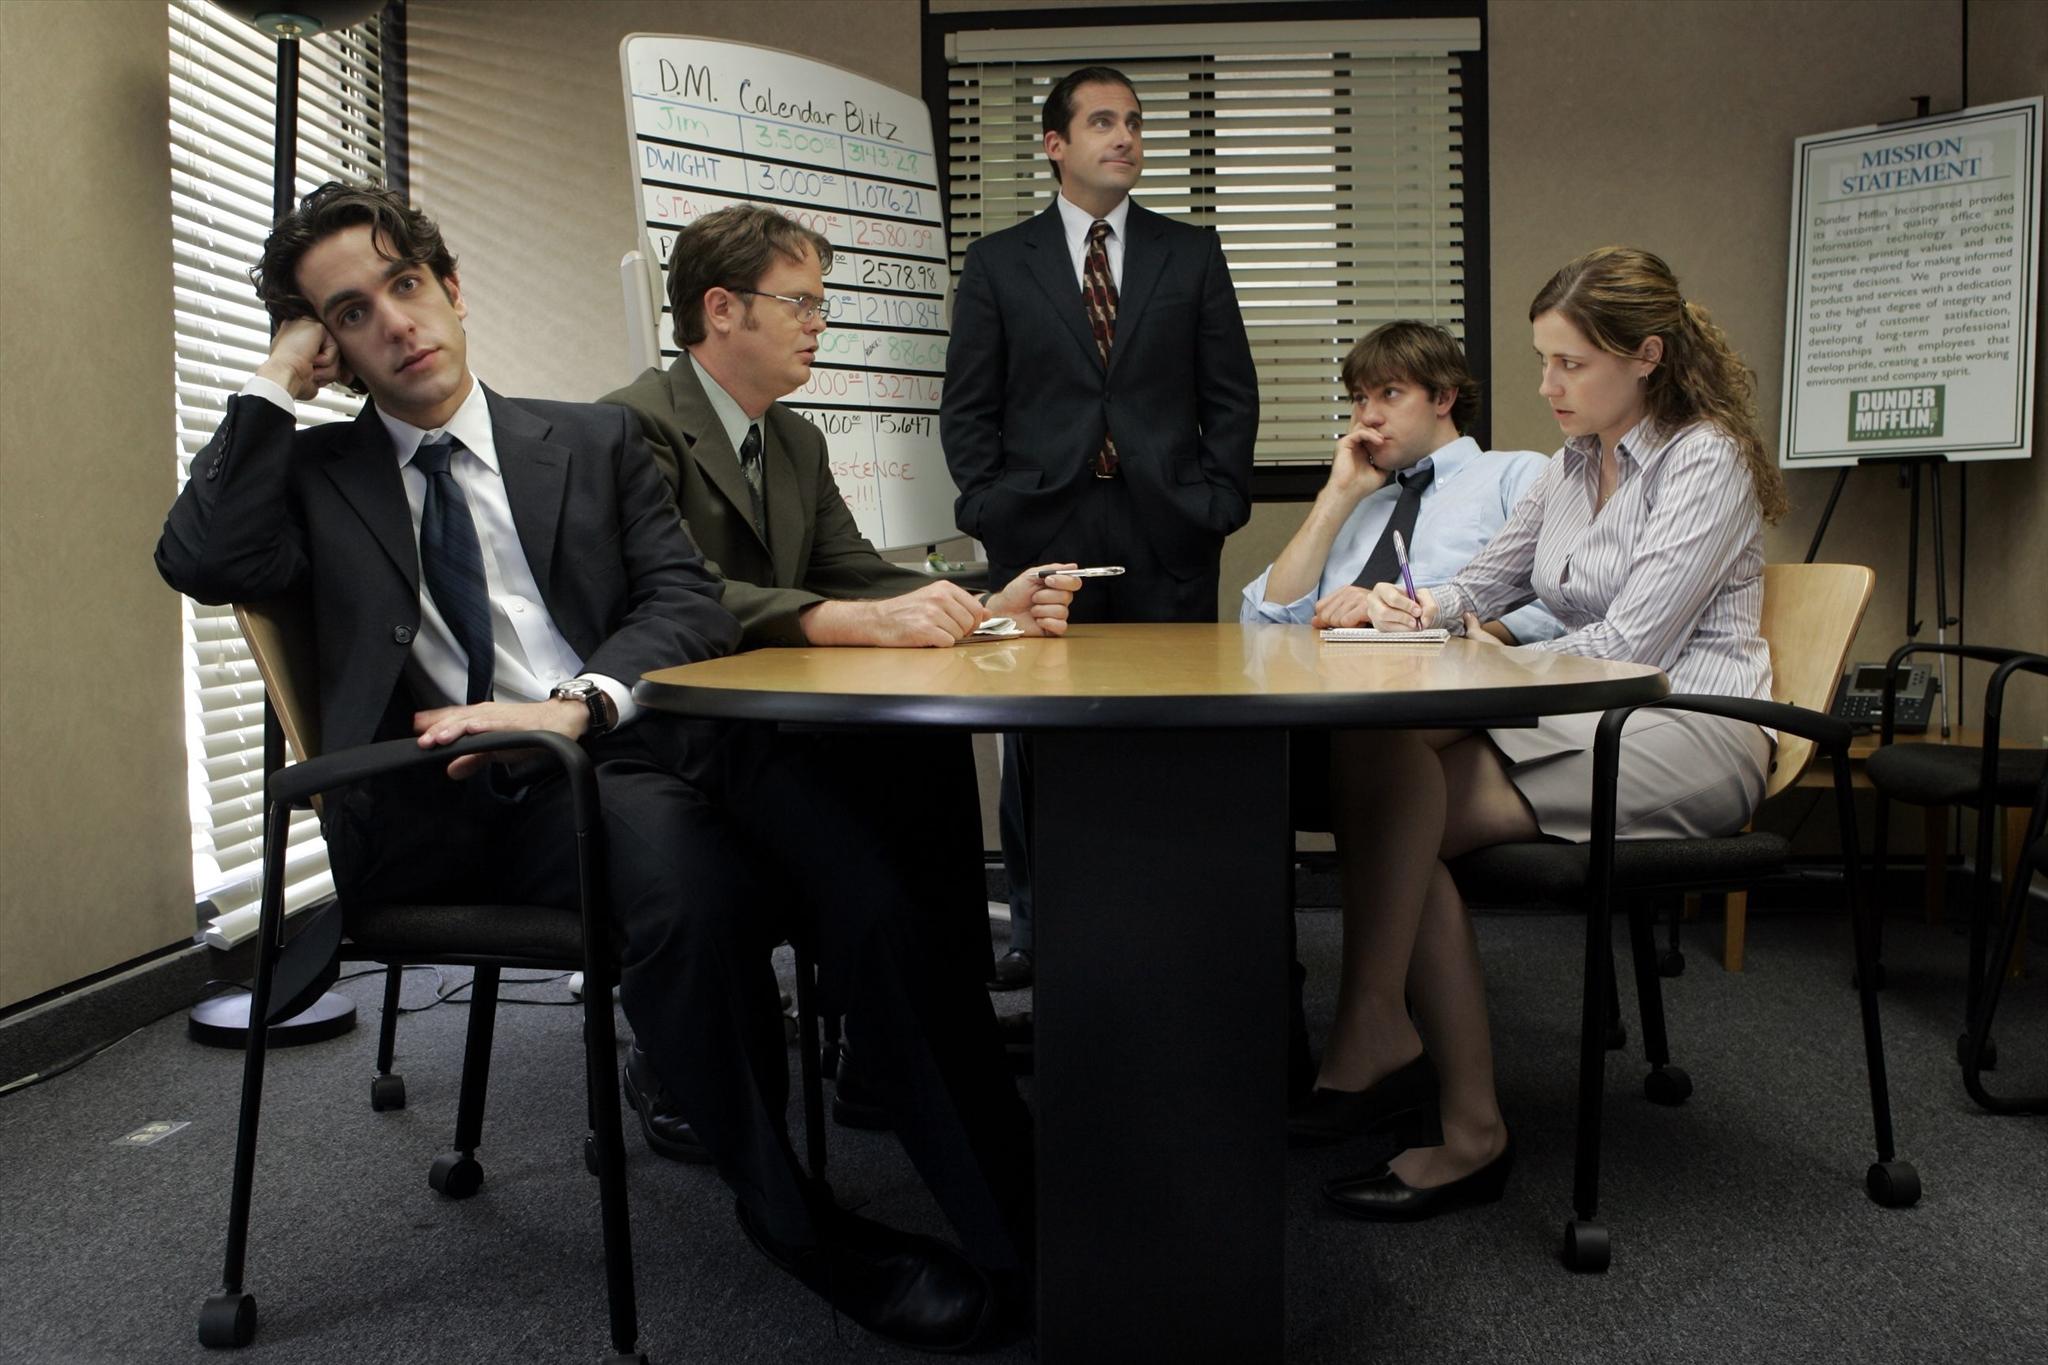 Унизили в офисе 18 фотография